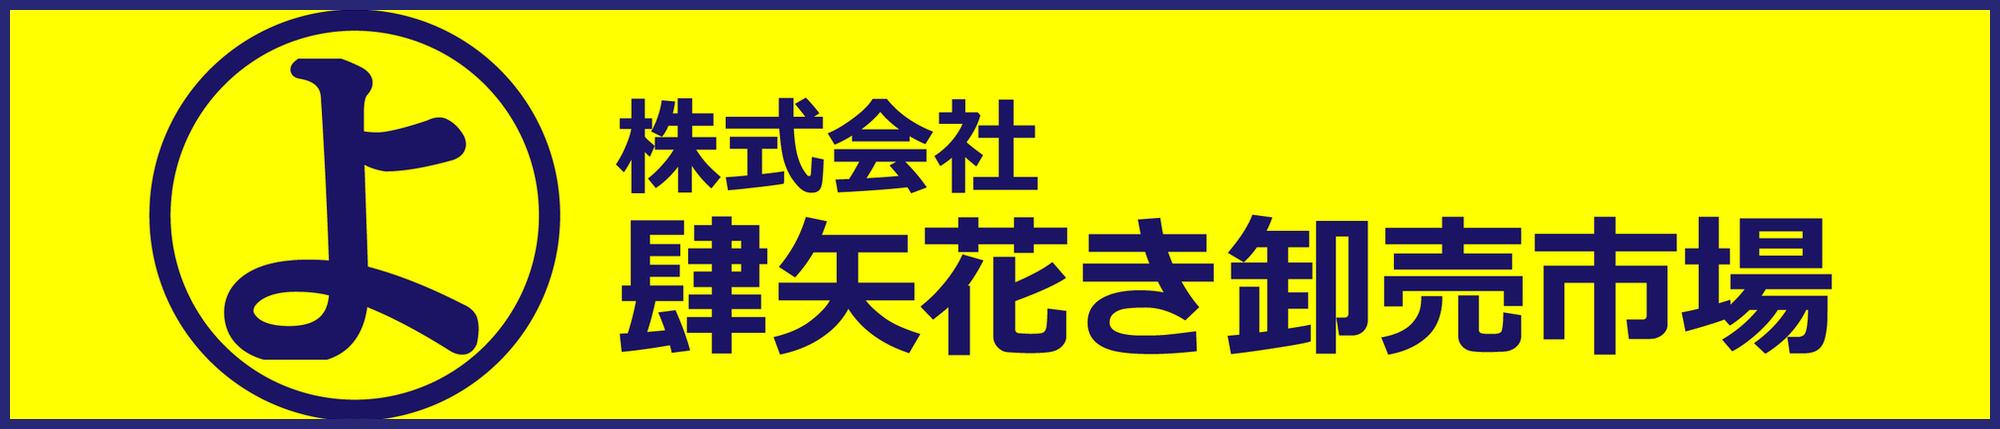 花の仕入れ|名古屋|株式会社肆矢花き卸売市場